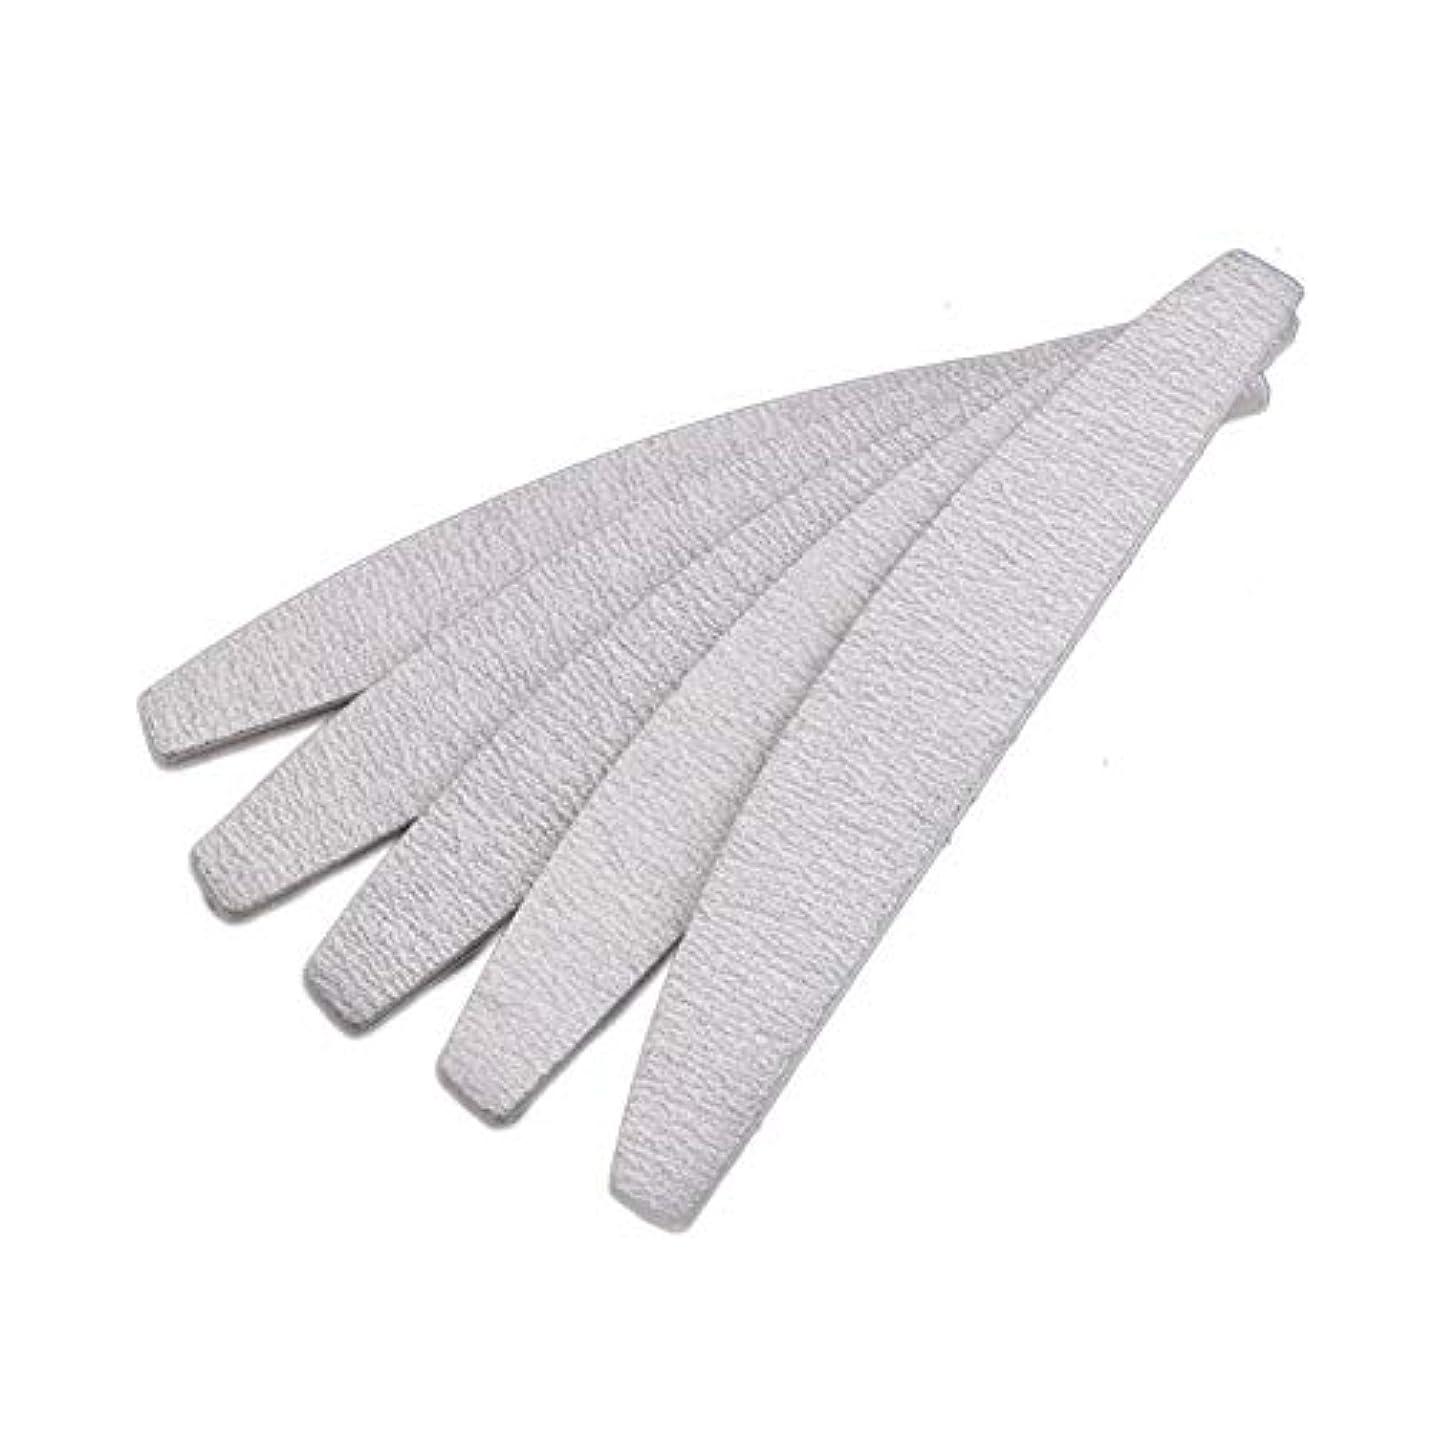 可塑性把握バスケットボールSemoic 爪やすり ネイルファイル、D形、両面、灰白/オフホワイト、10個